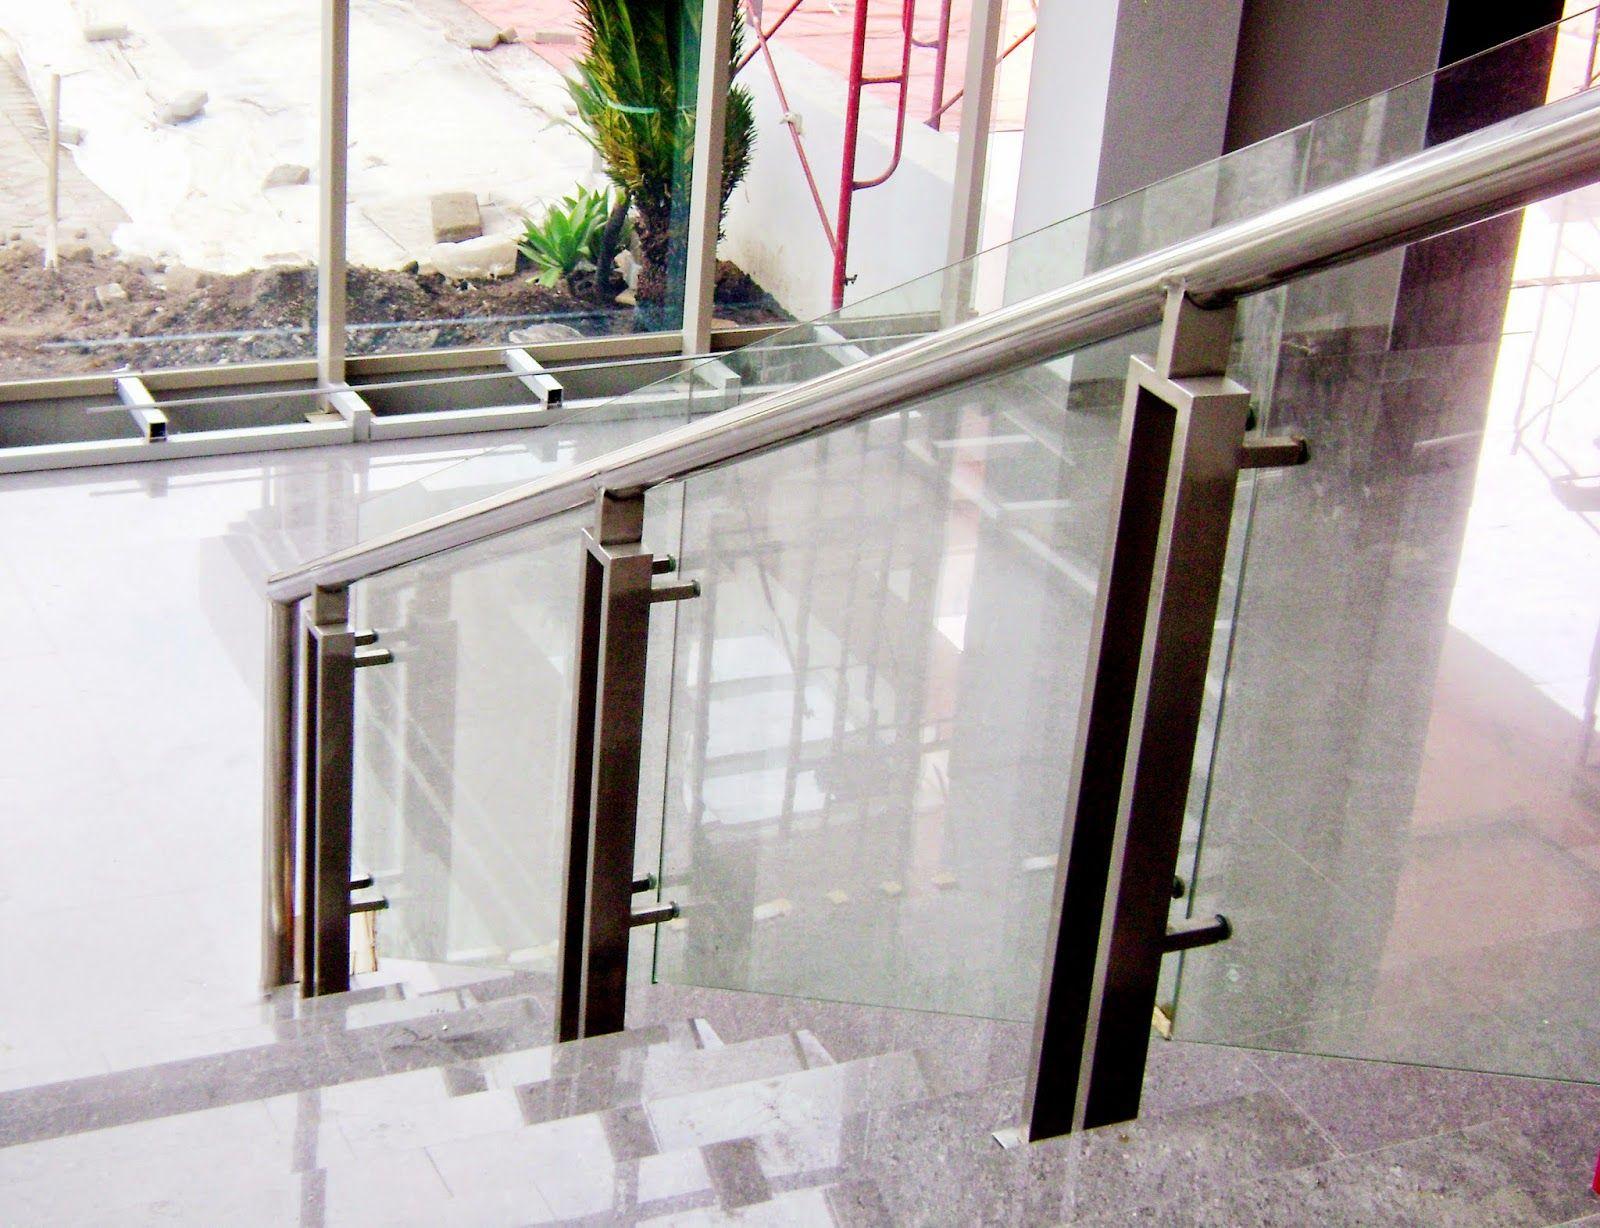 Harga Railing Tangga Dan Balkon Murah Reling Tangga Dan Balkon